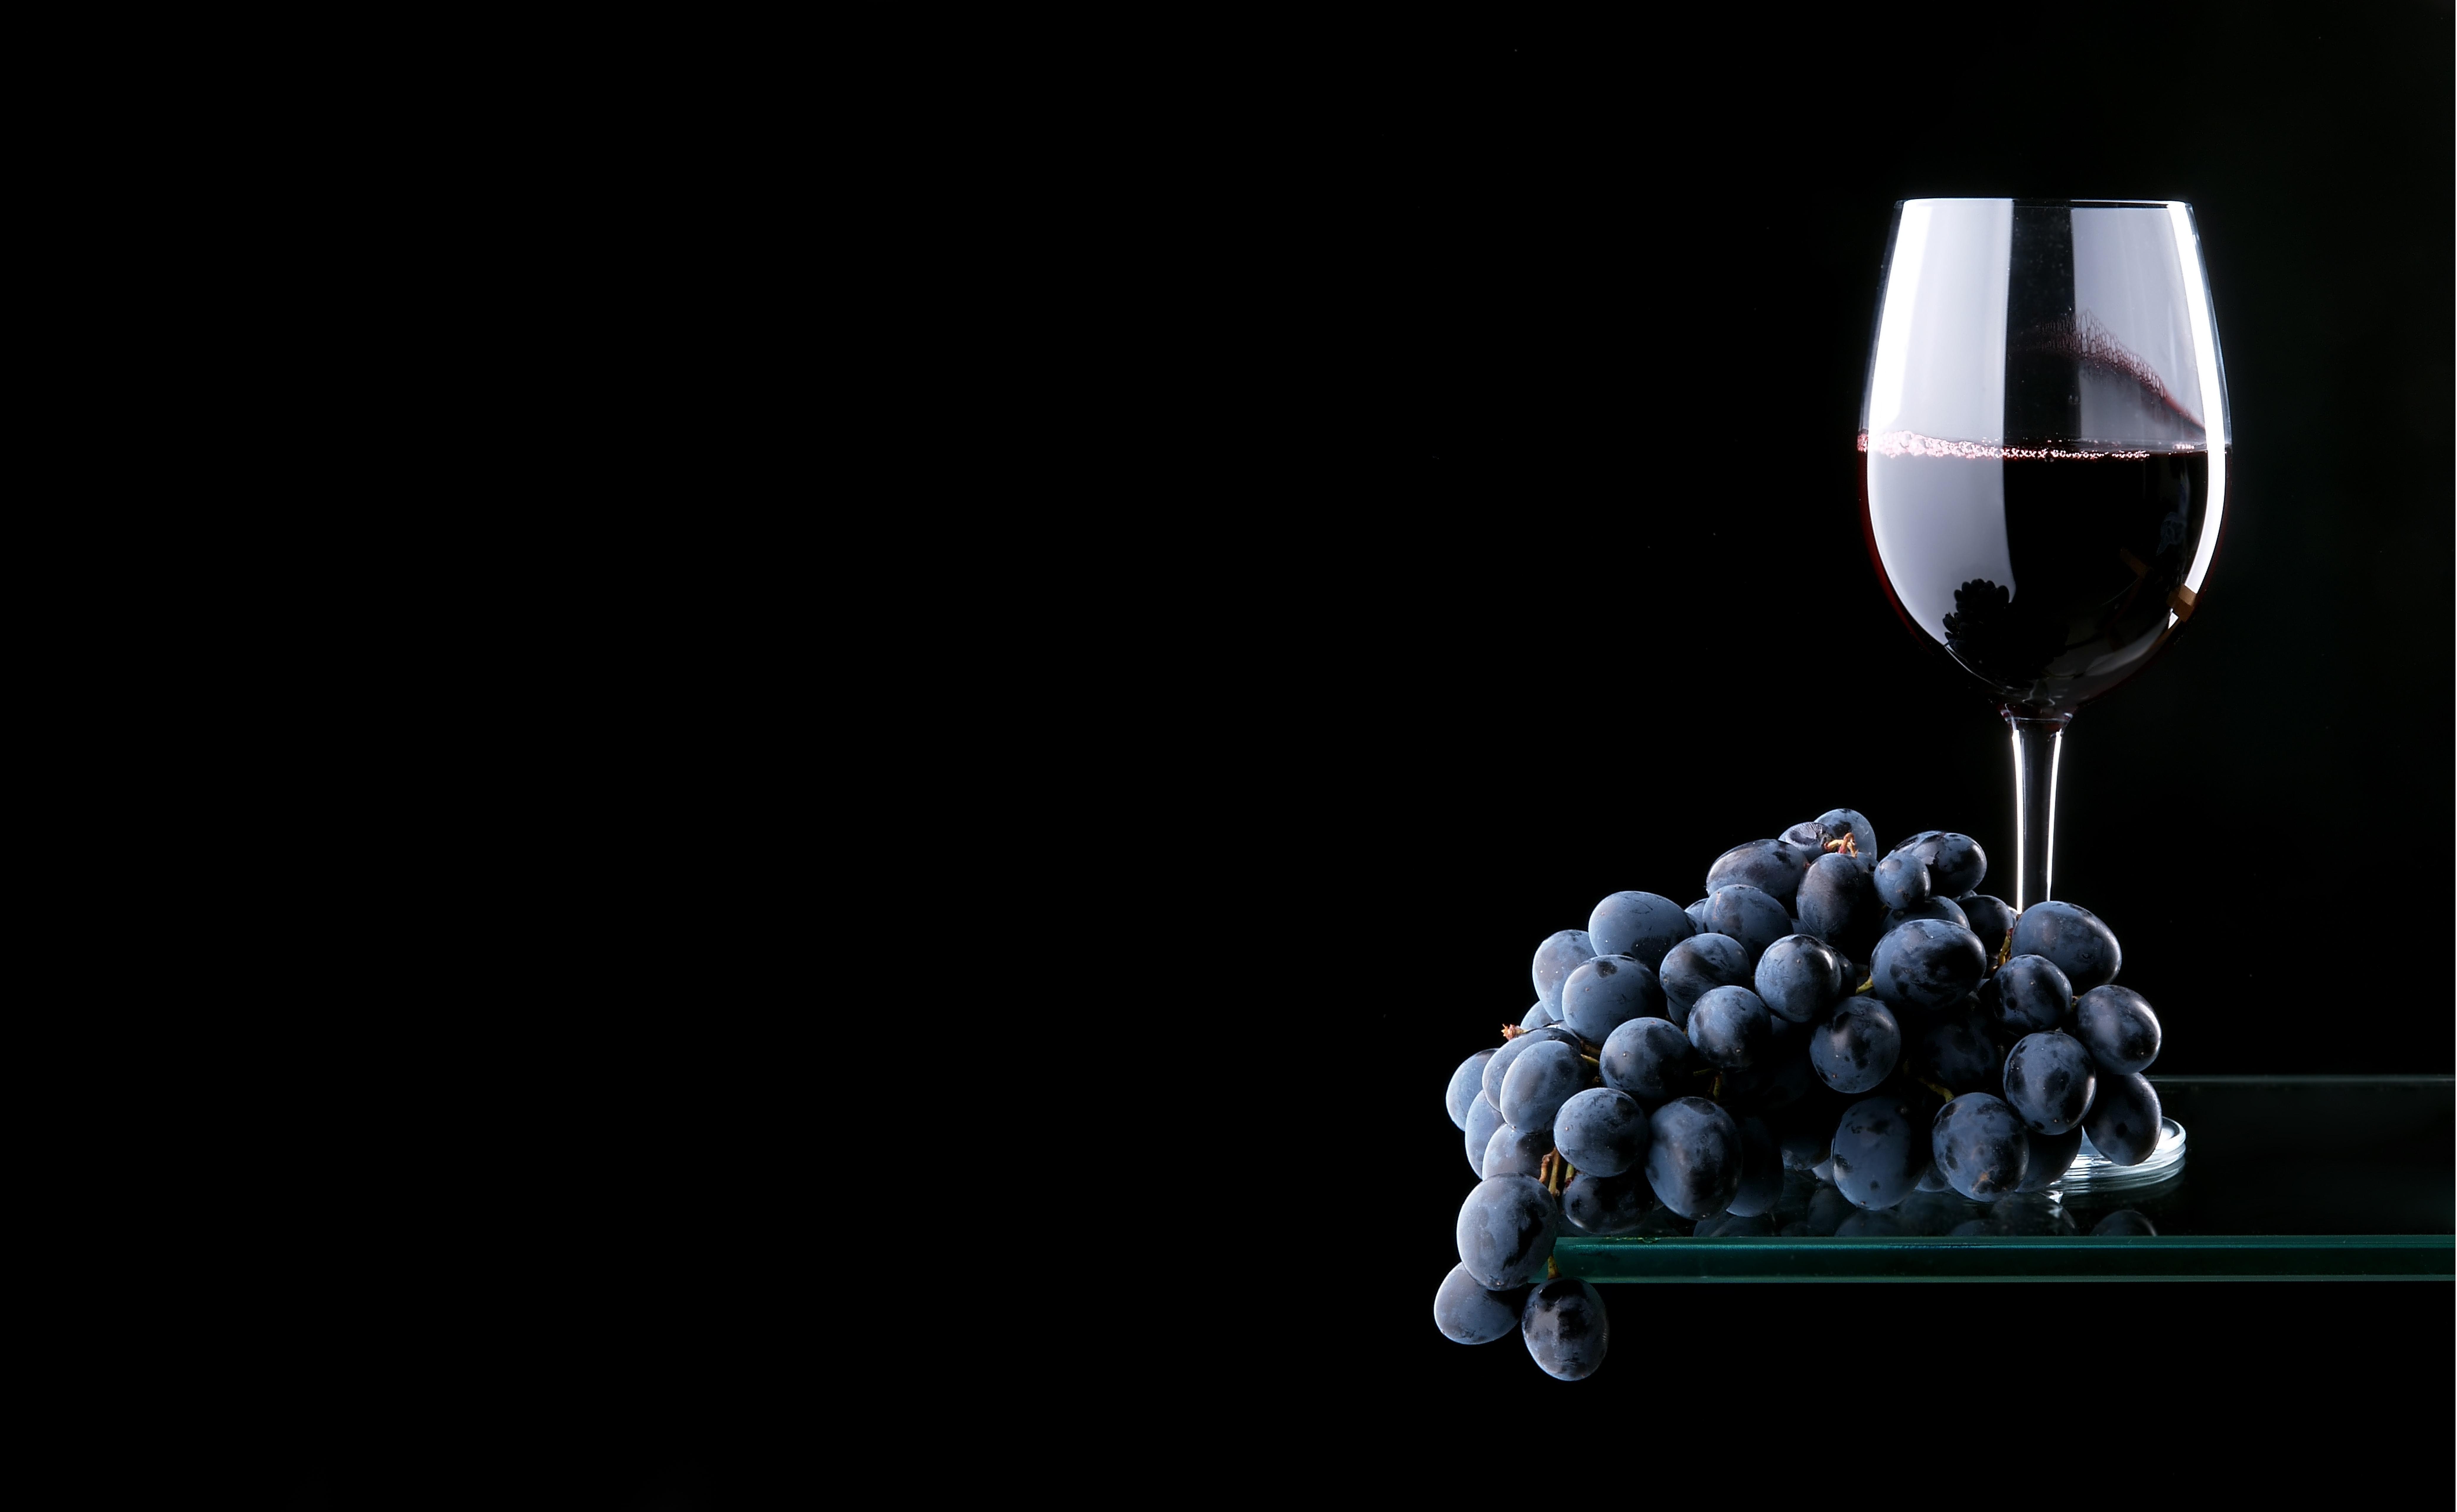 Wine Colored Wallpaper - WallpaperSafari